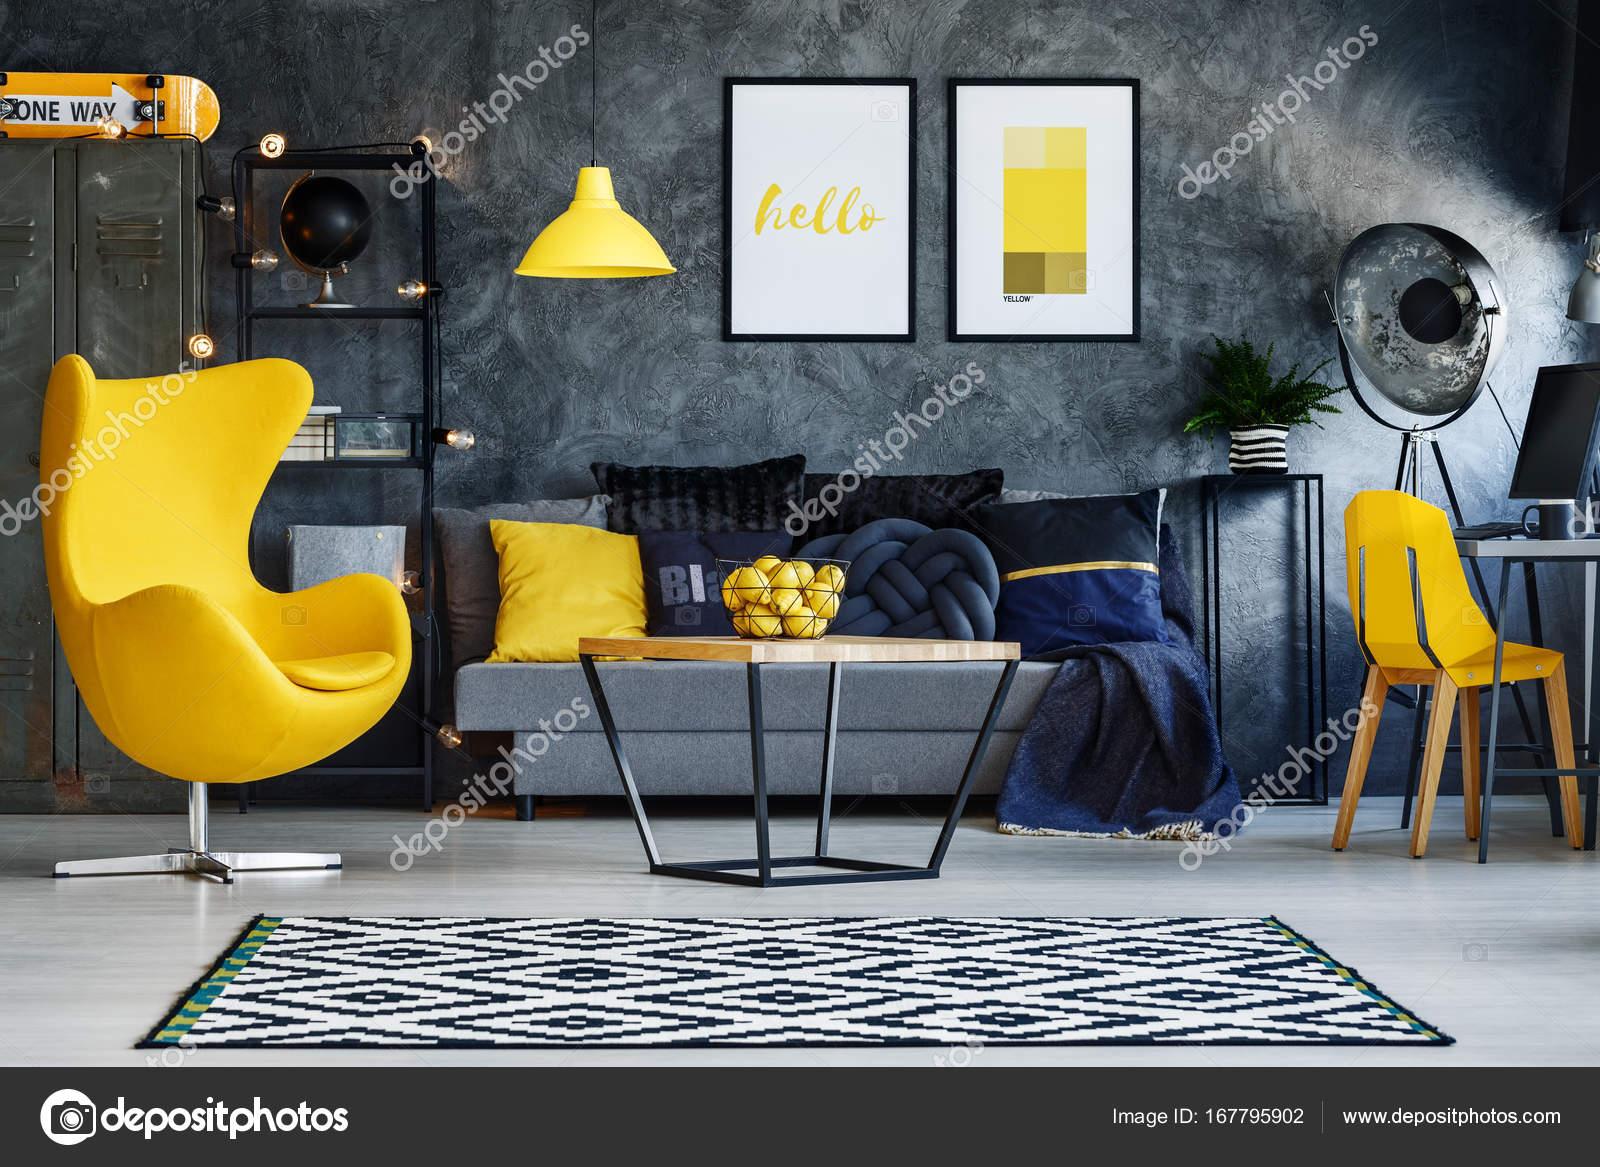 Gelbe Möbel im Wohnzimmer — Stockfoto © photographee.eu #167795902